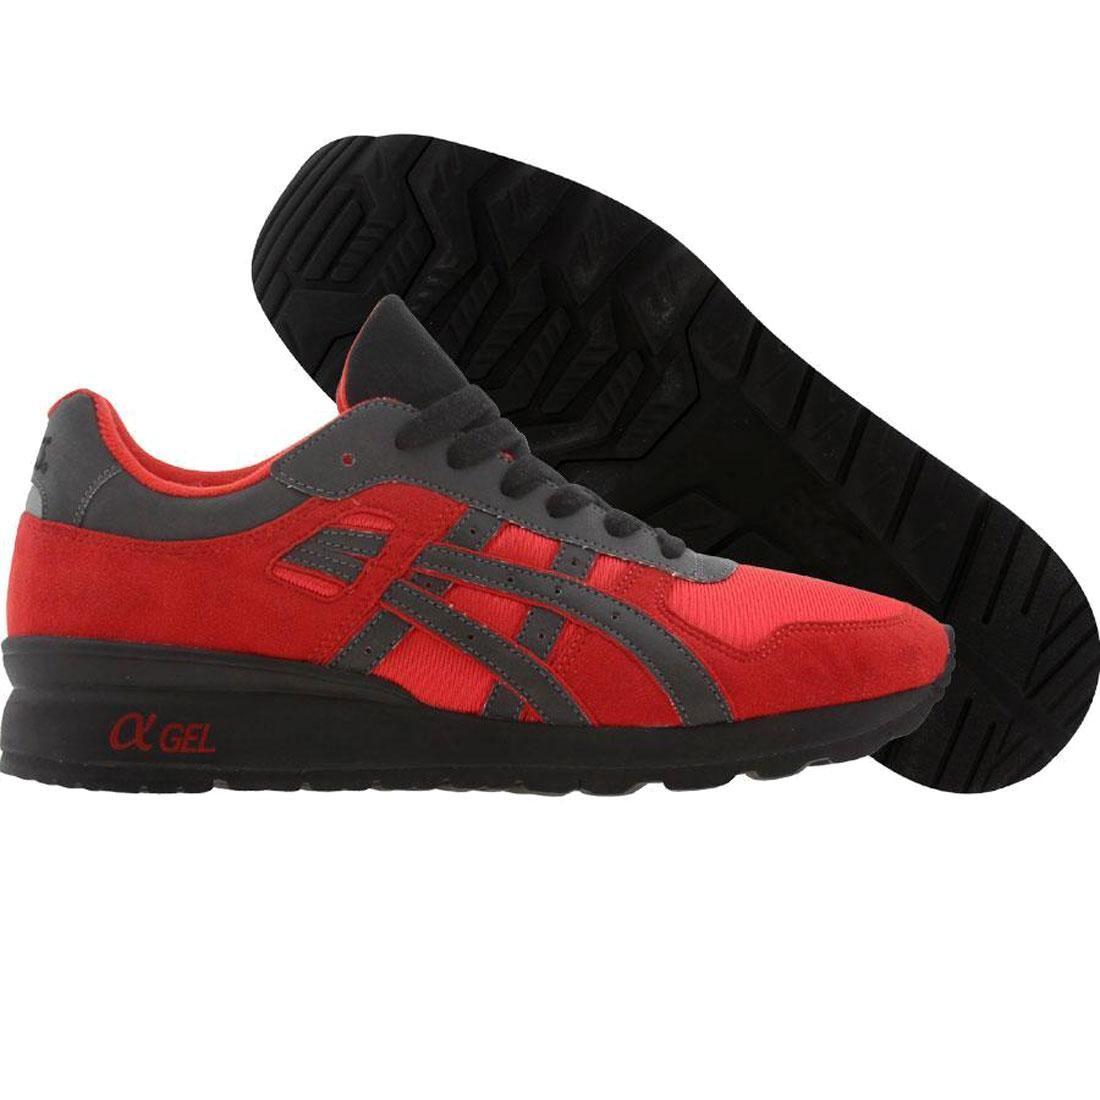 【海外限定】アシックス プレミアム 赤 レッド 靴 スニーカー 【 ASICS PREMIUM RED BAIT X TIGER GTII 3M RINGS PACK RING BLACK 】